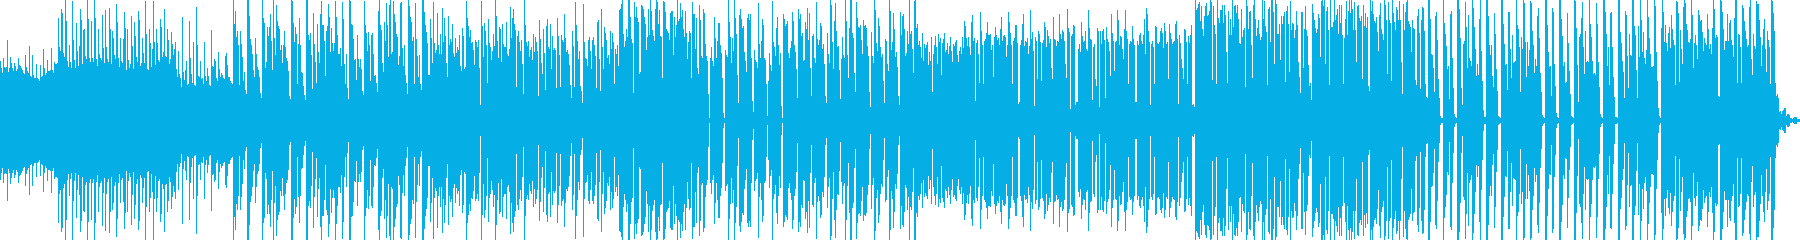 J-Pop、K-Pop、インストゥ...の再生済みの波形